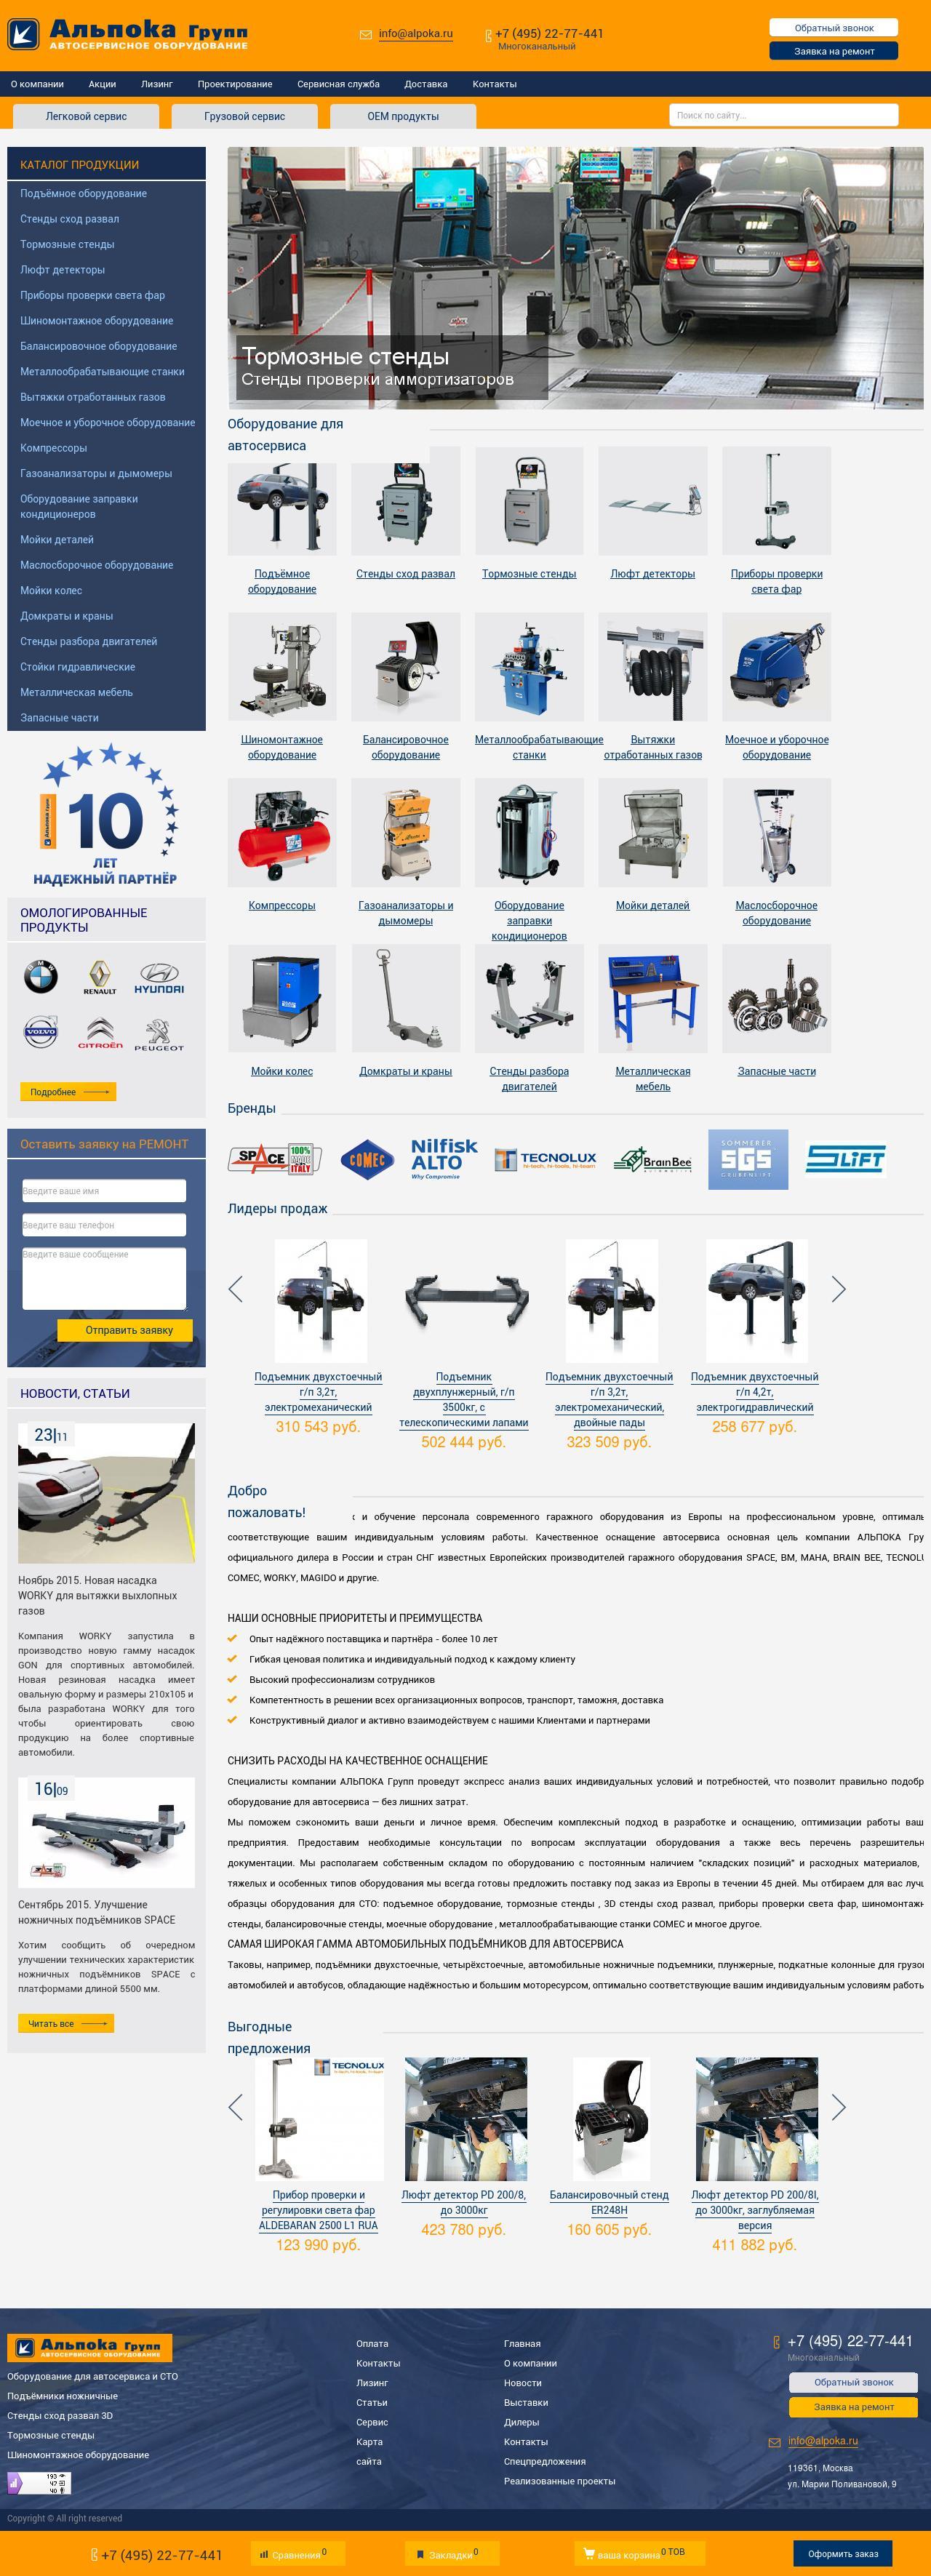 Интернет магазин под ключ для компании Альпока Групп - www.alpoka.ru (Битрикс Малый бизнес)